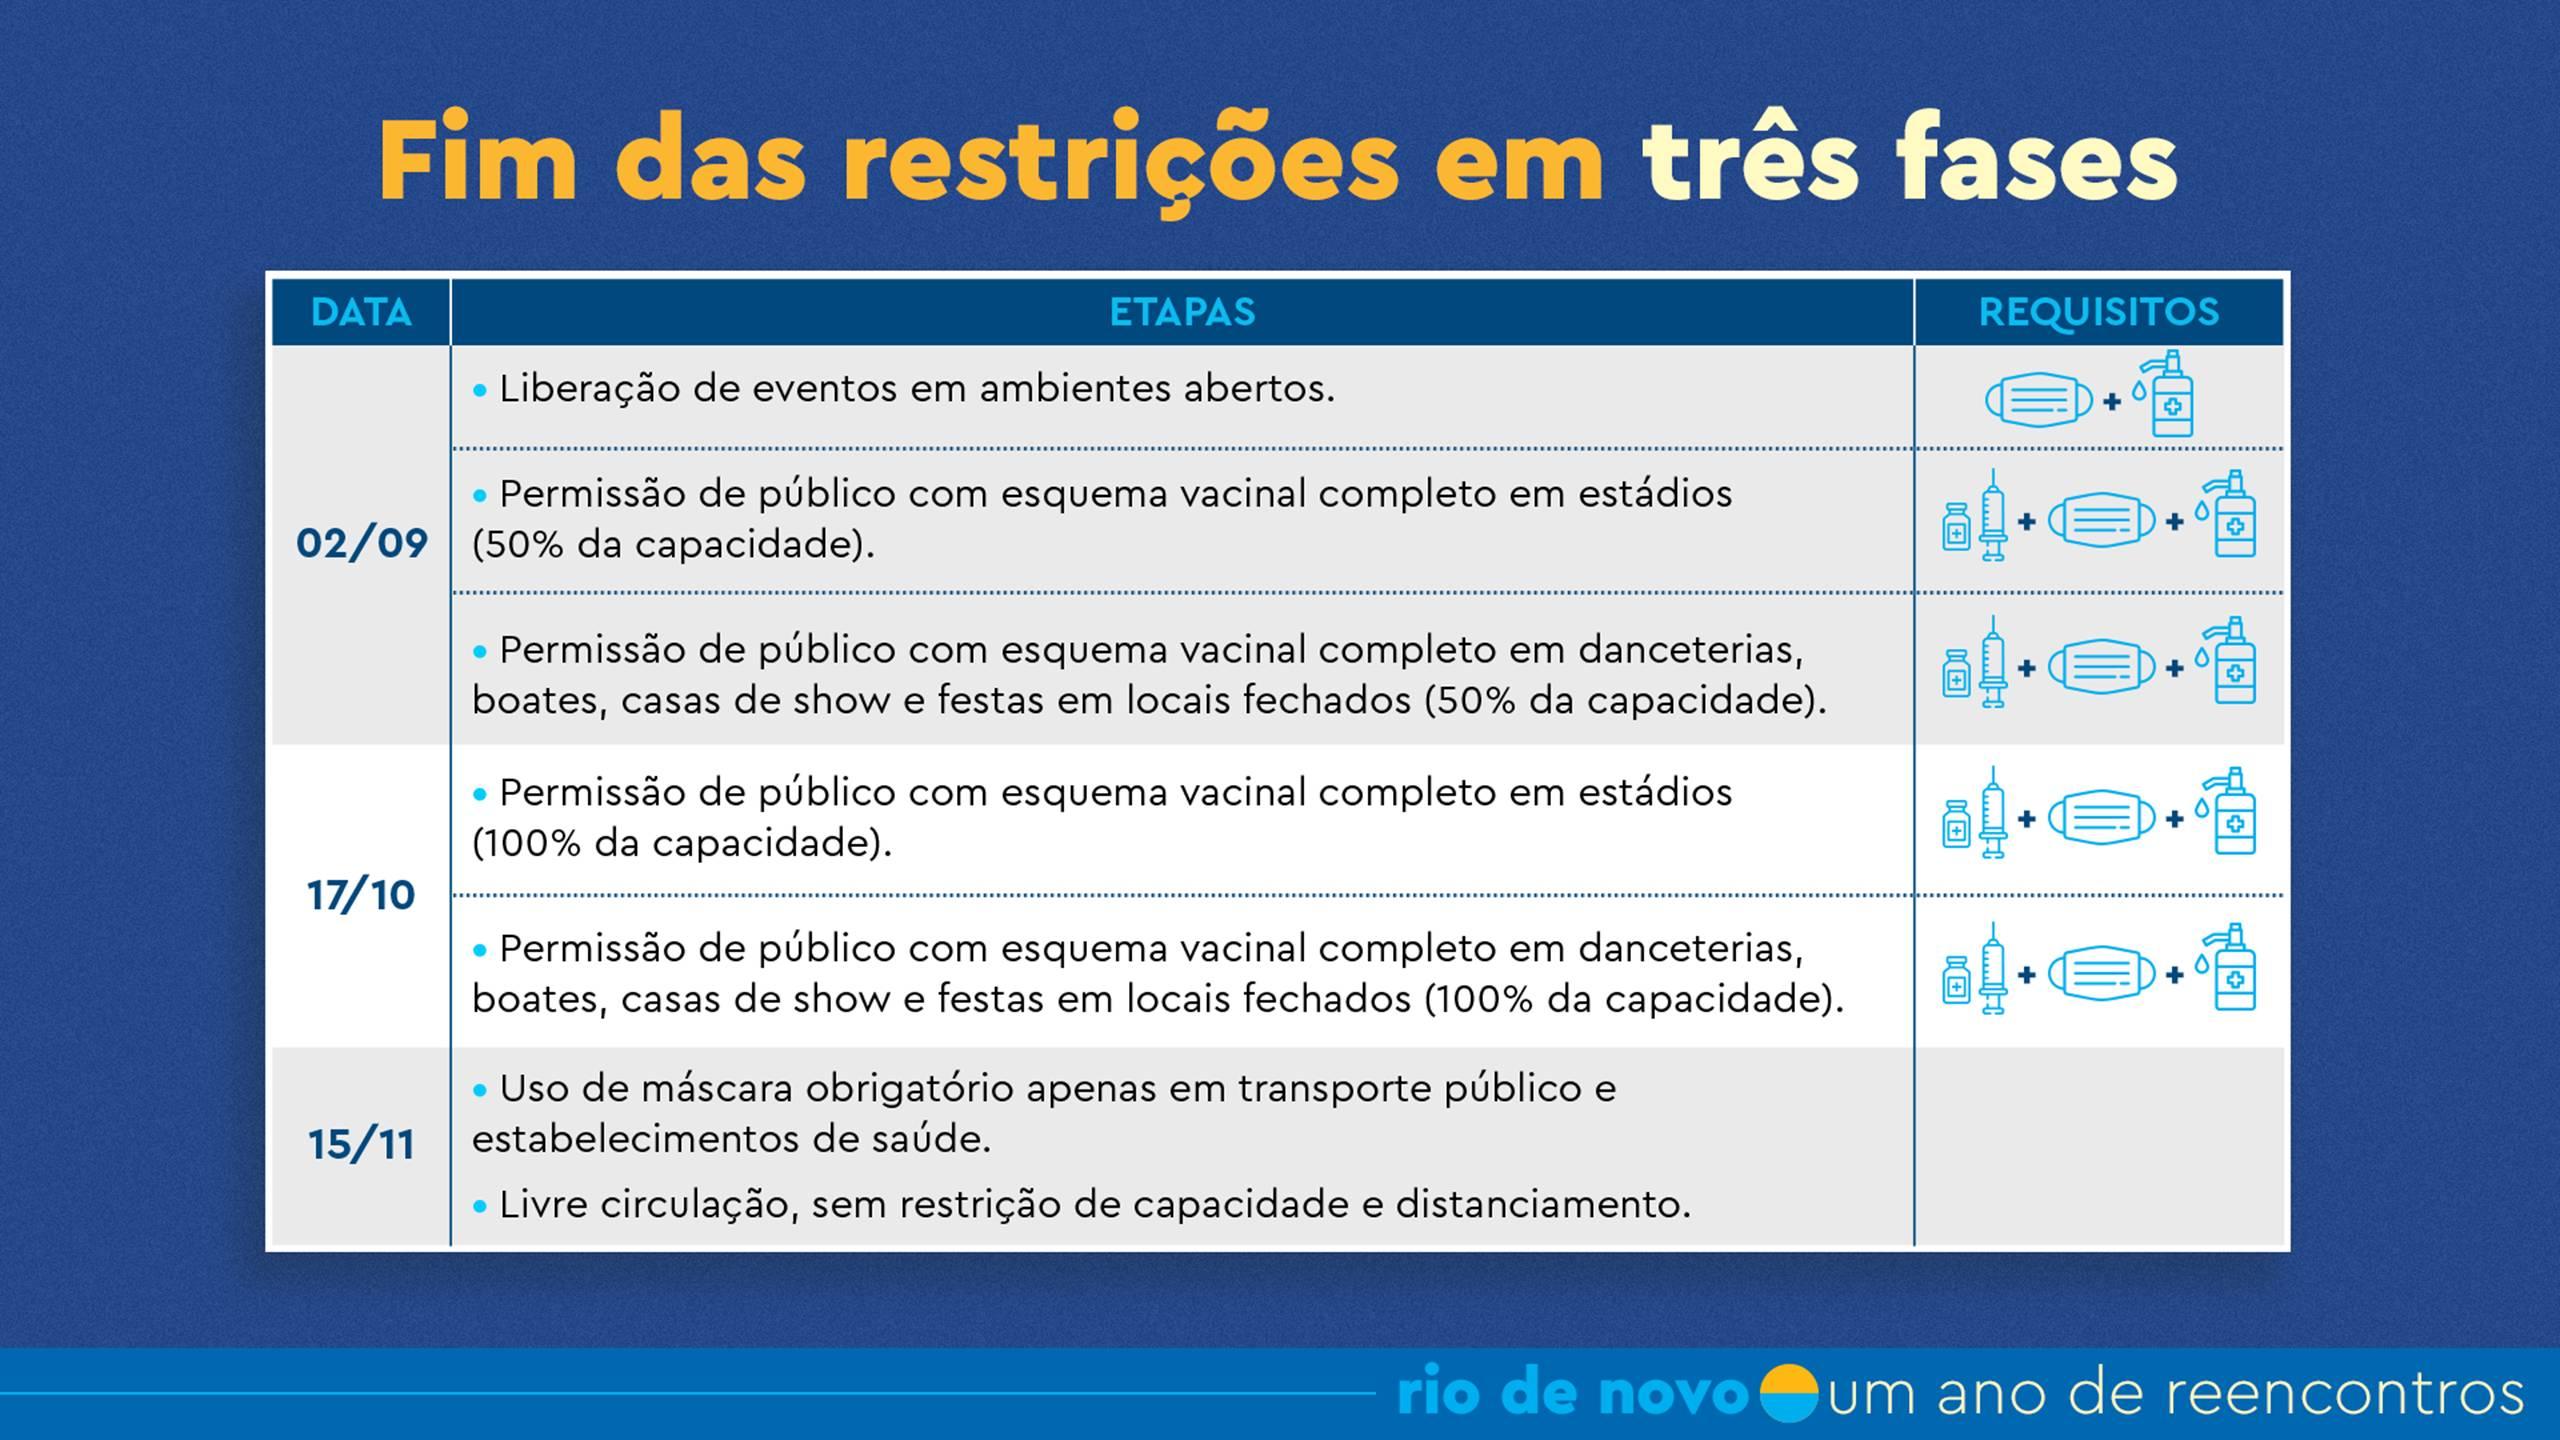 Imagem explica as três fases de flexibilização no Rio